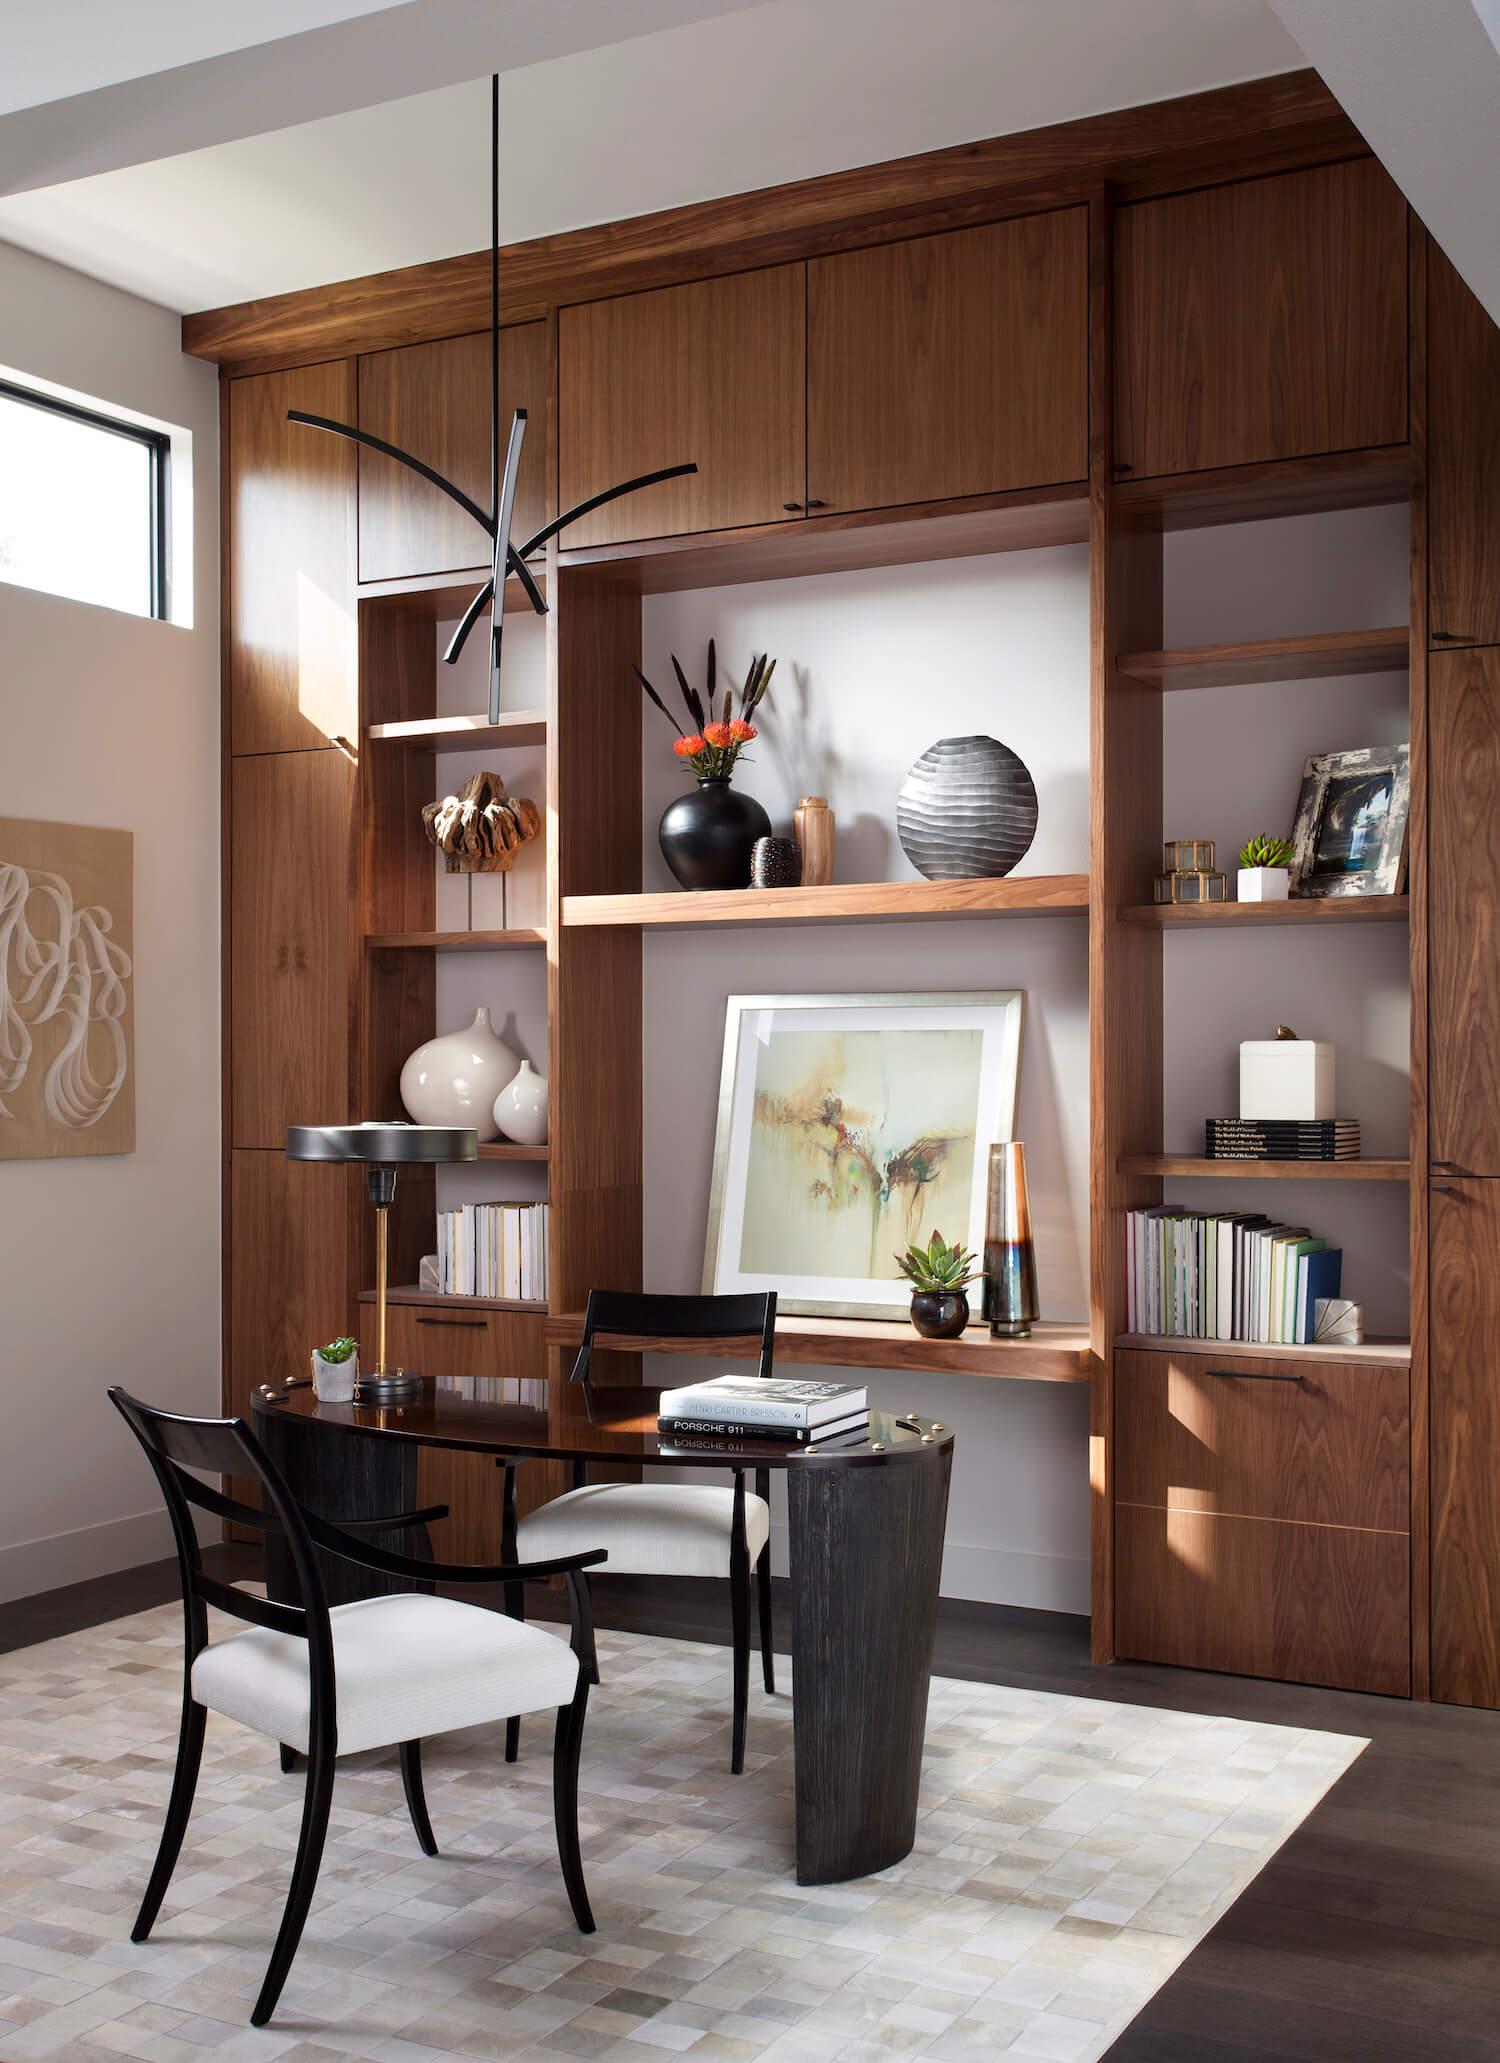 Horseshoe Bay Library Office | Robin Colton Interior Design Studio Austin Texas | www.robincolton.com